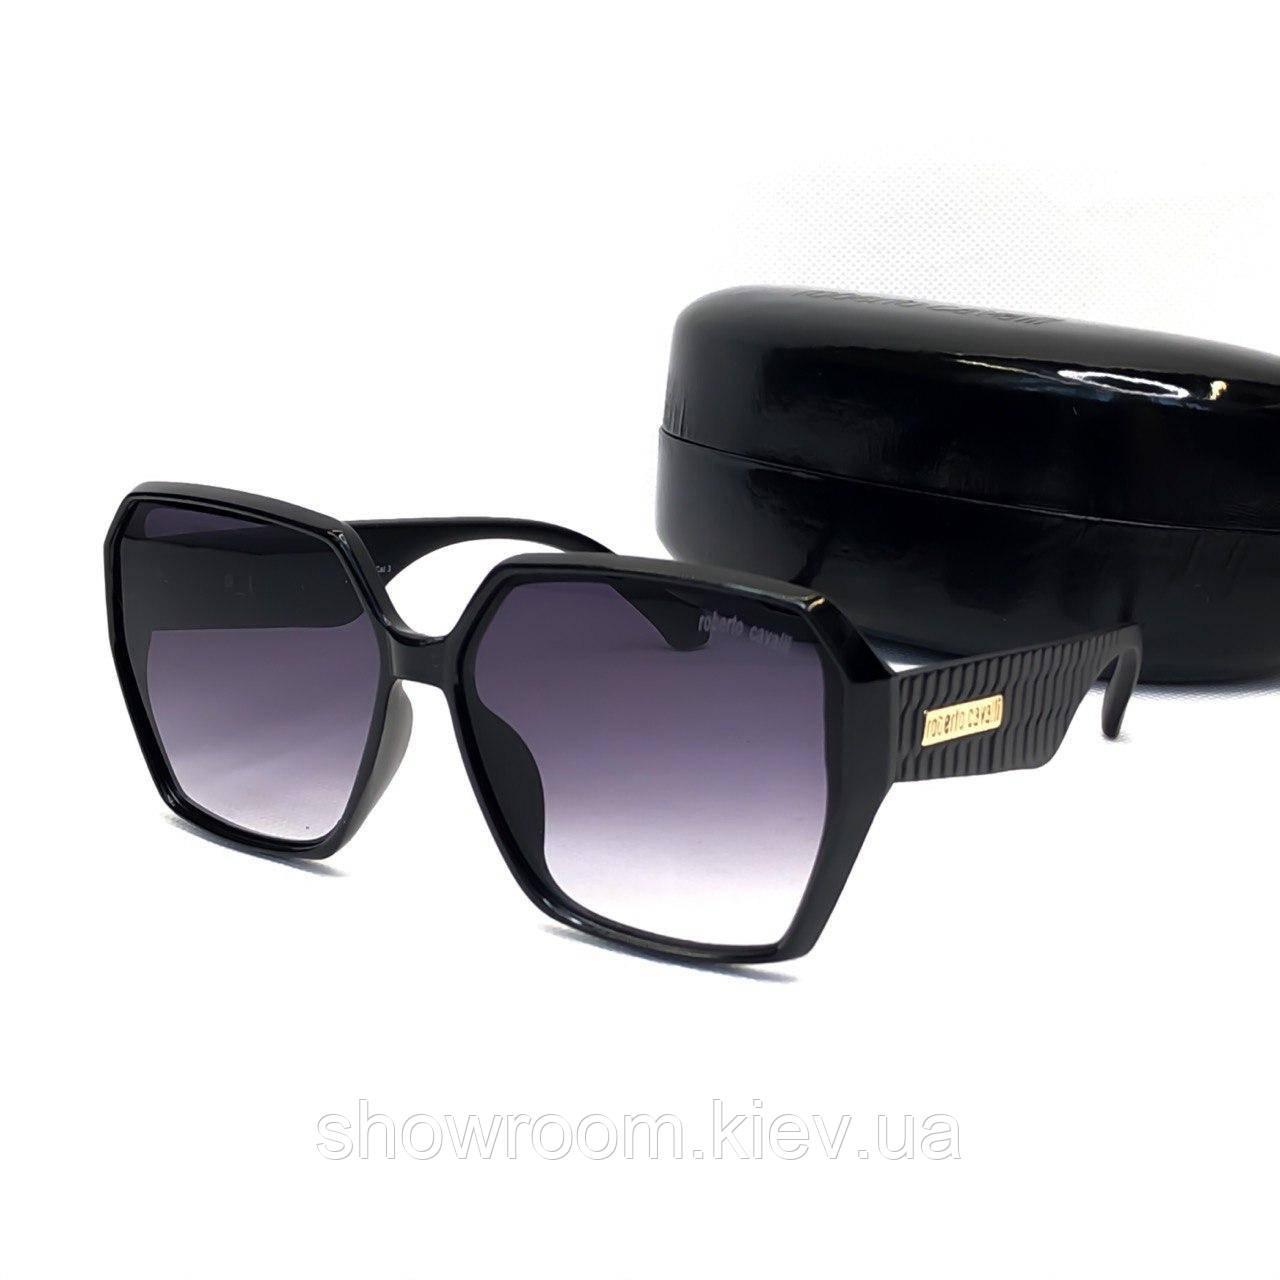 Женские очки от солнца Roberto Cavalli (1122)